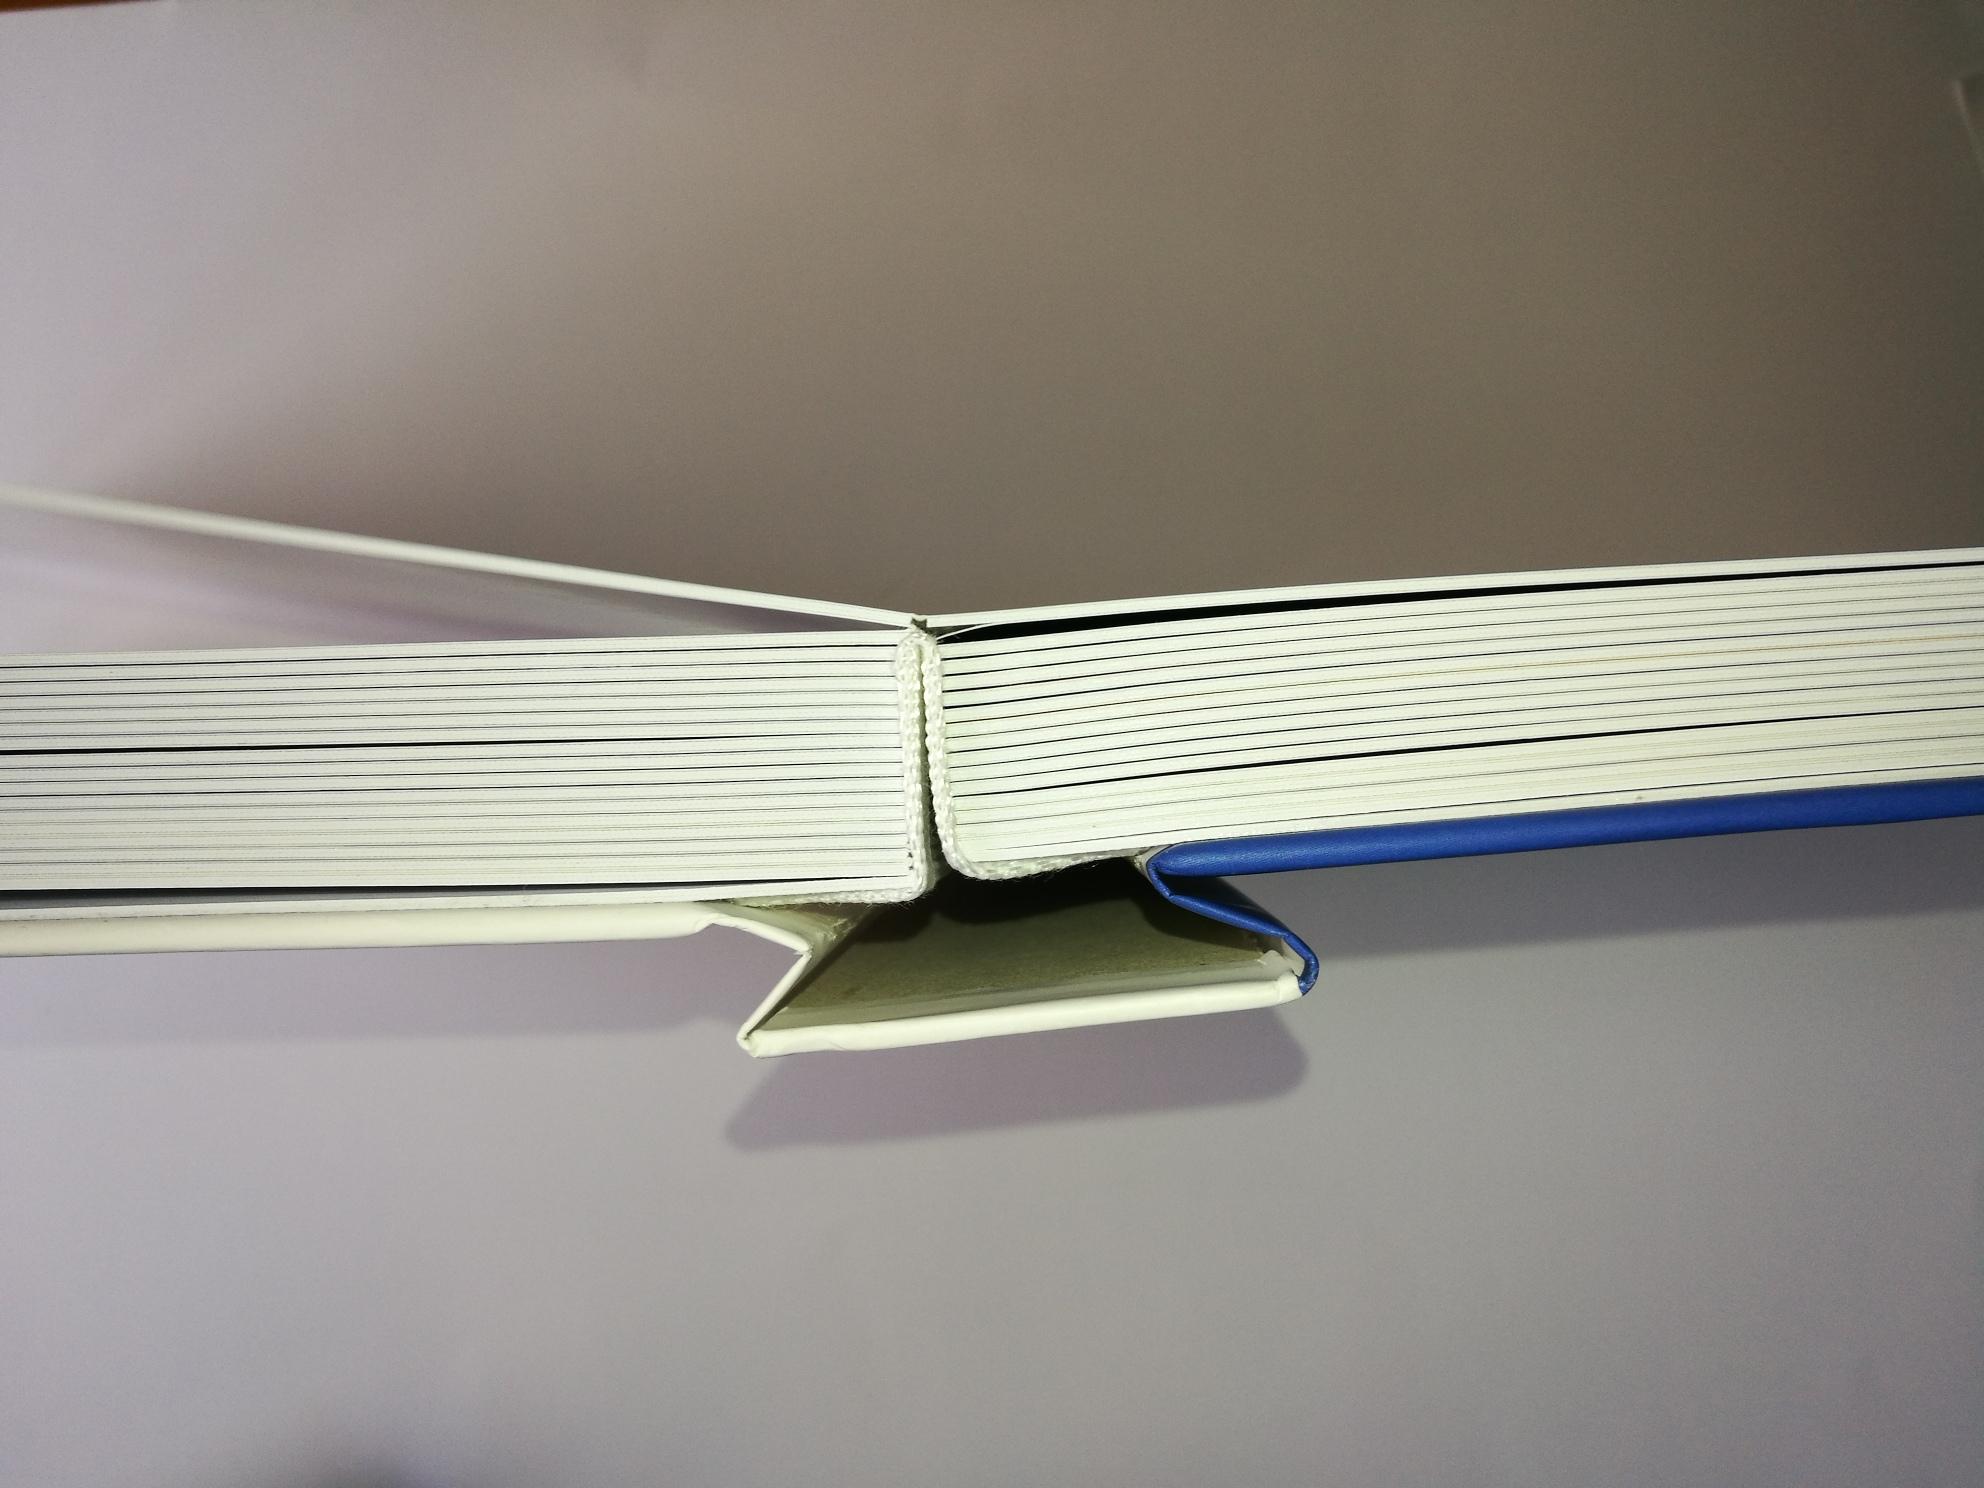 Lay Flat kniha rozevřená.jpg